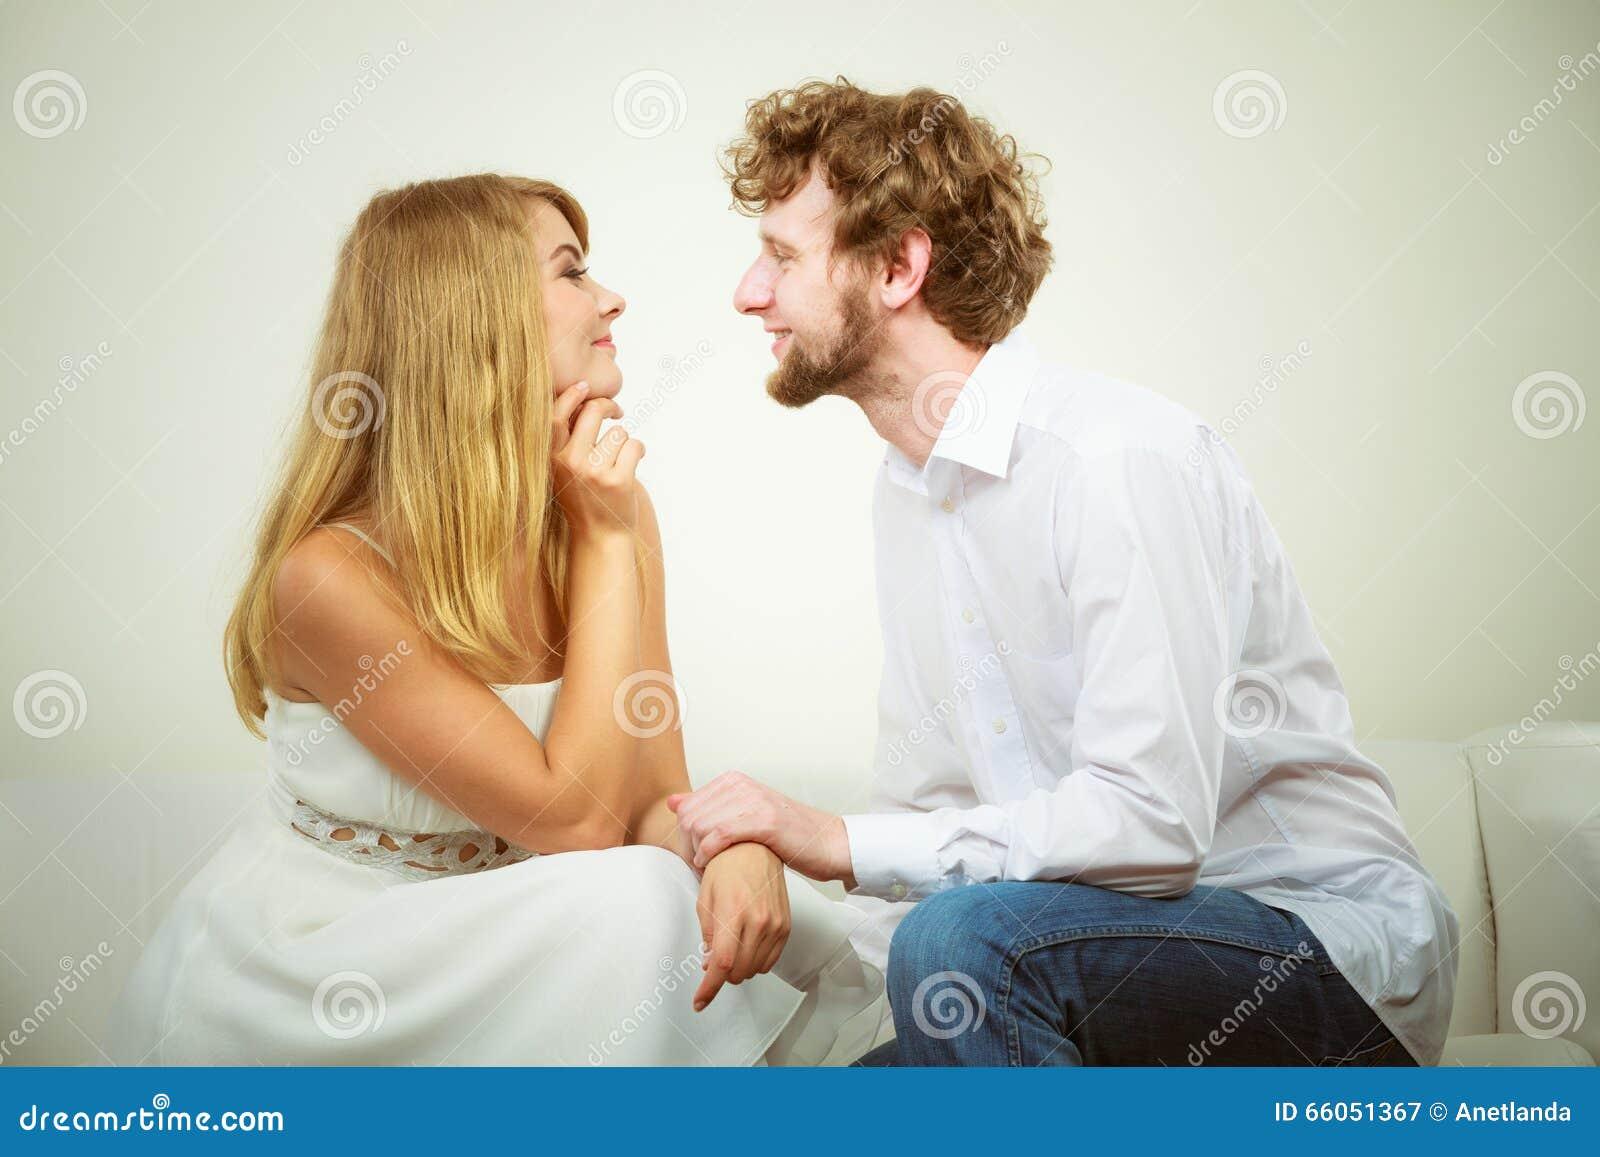 Mann sucht frau zum lieben